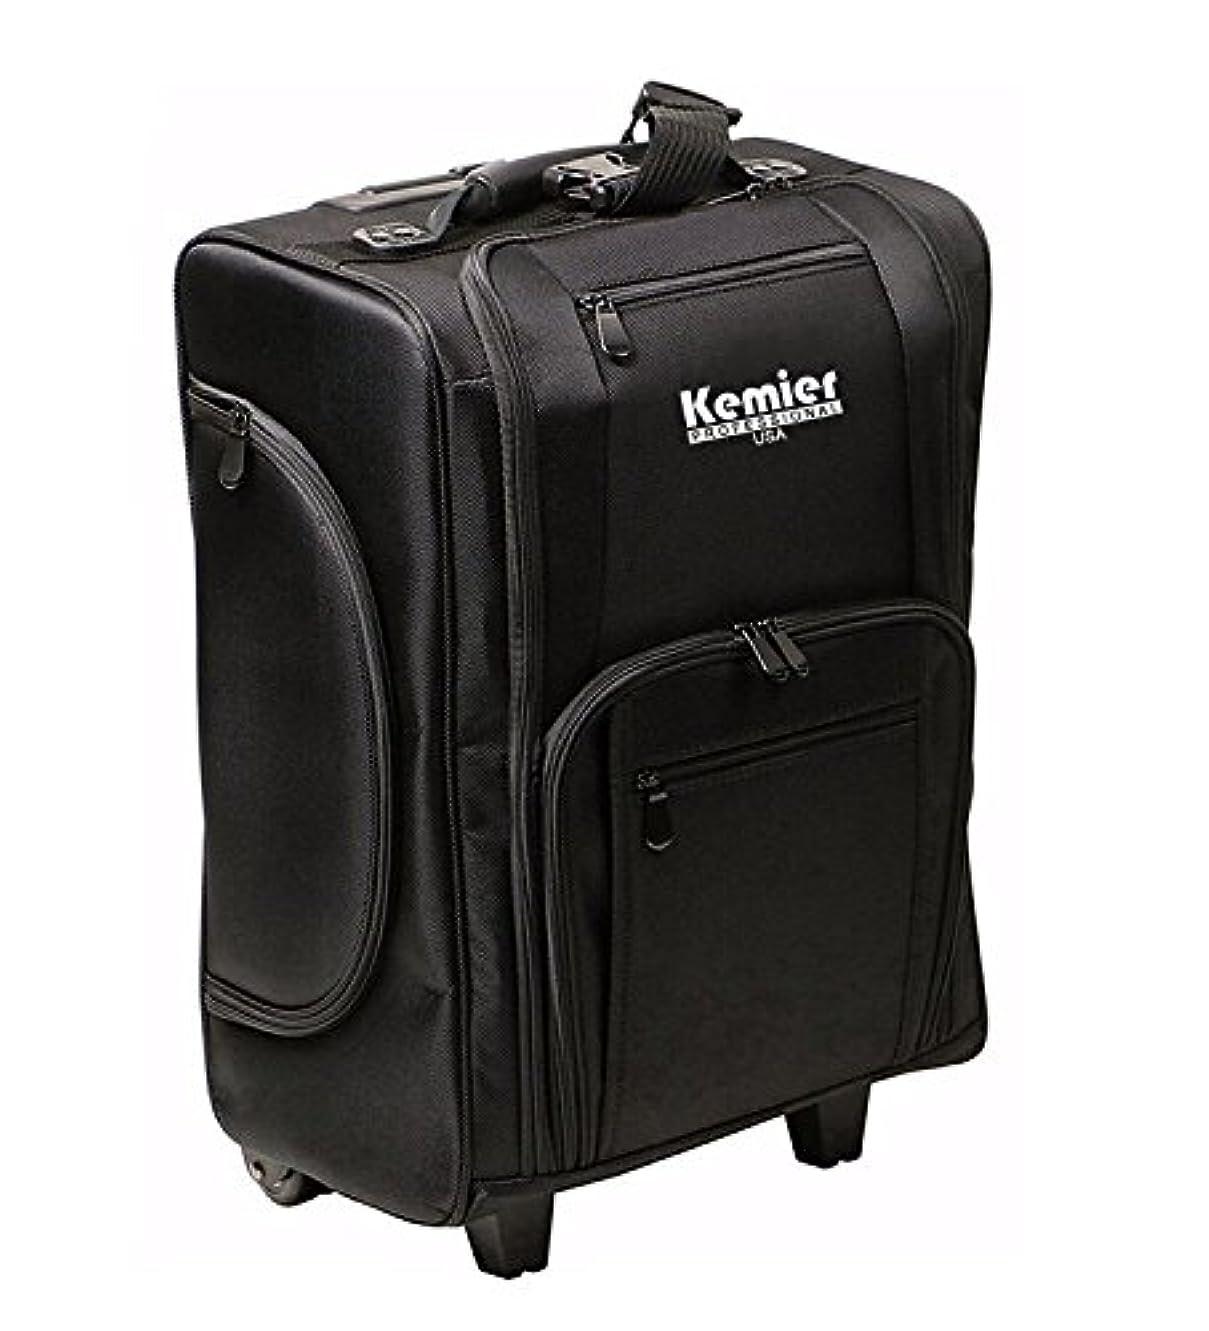 従順なローズほかにKemier 袋を備えたポータブル化粧品オーガナイザーソフト両面ナイロン製 圧延化粧ケース ブラック